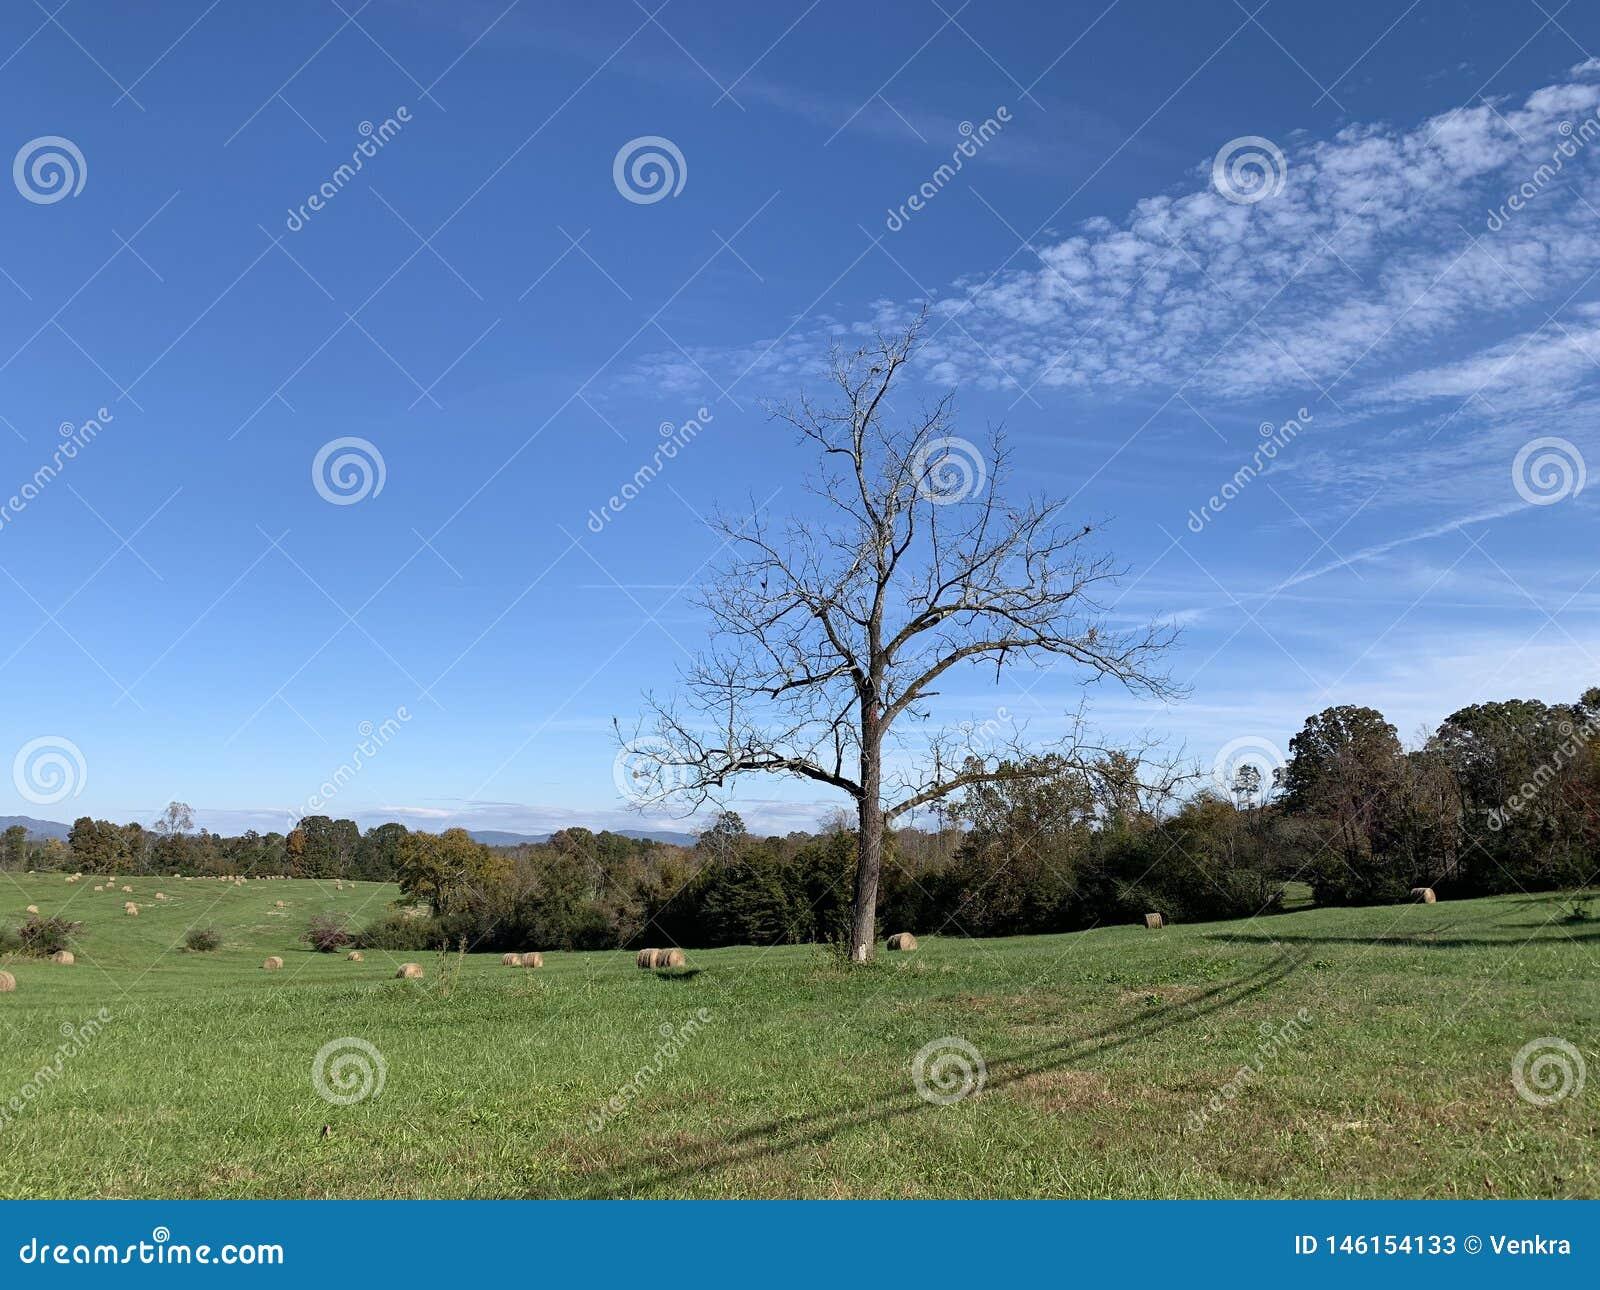 Un arbre isolé dans un paysage herbeux avec le ciel bleu et les nuages blancs